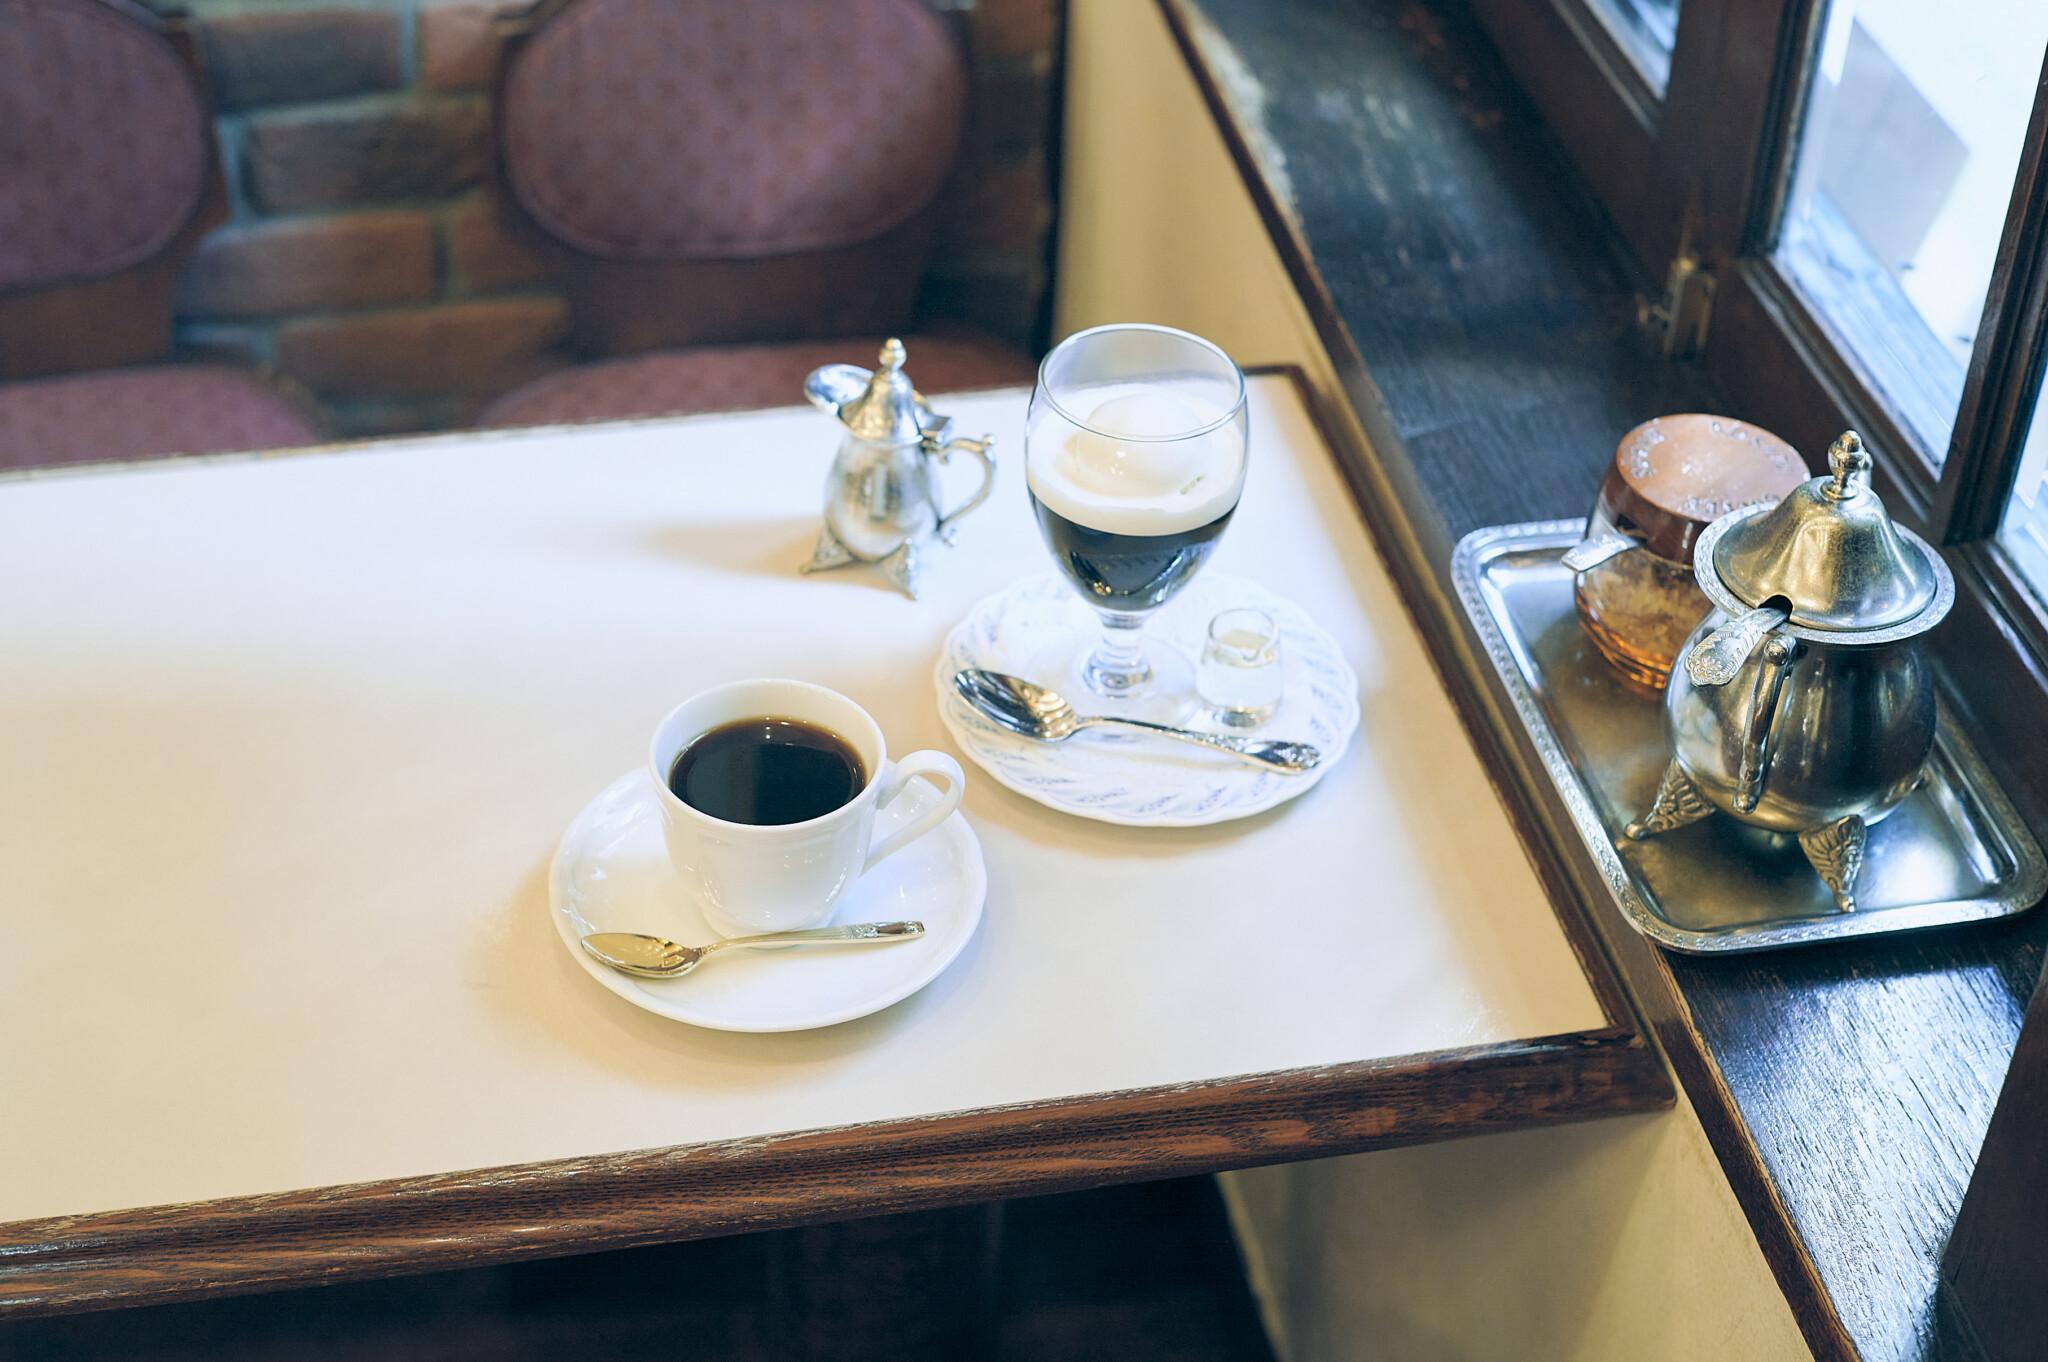 銀座7〜8丁目はディープな穴場?こだわりコーヒーとオリジナルメニューがおいしいレトロ喫茶店4選